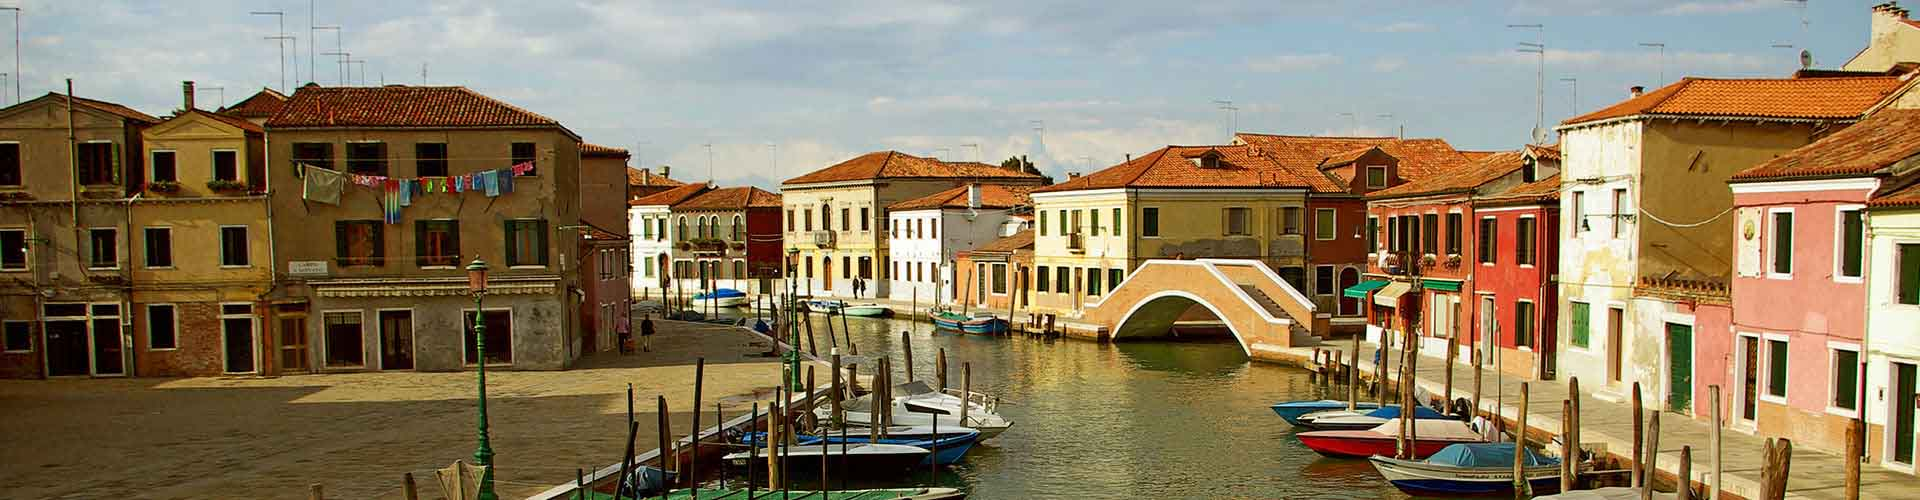 Venice Mestre - Chambres près de Aéroport Marco Polo de Venise. Cartes pour Venice Mestre, photos et commentaires pour chaque chambre à Venice Mestre.